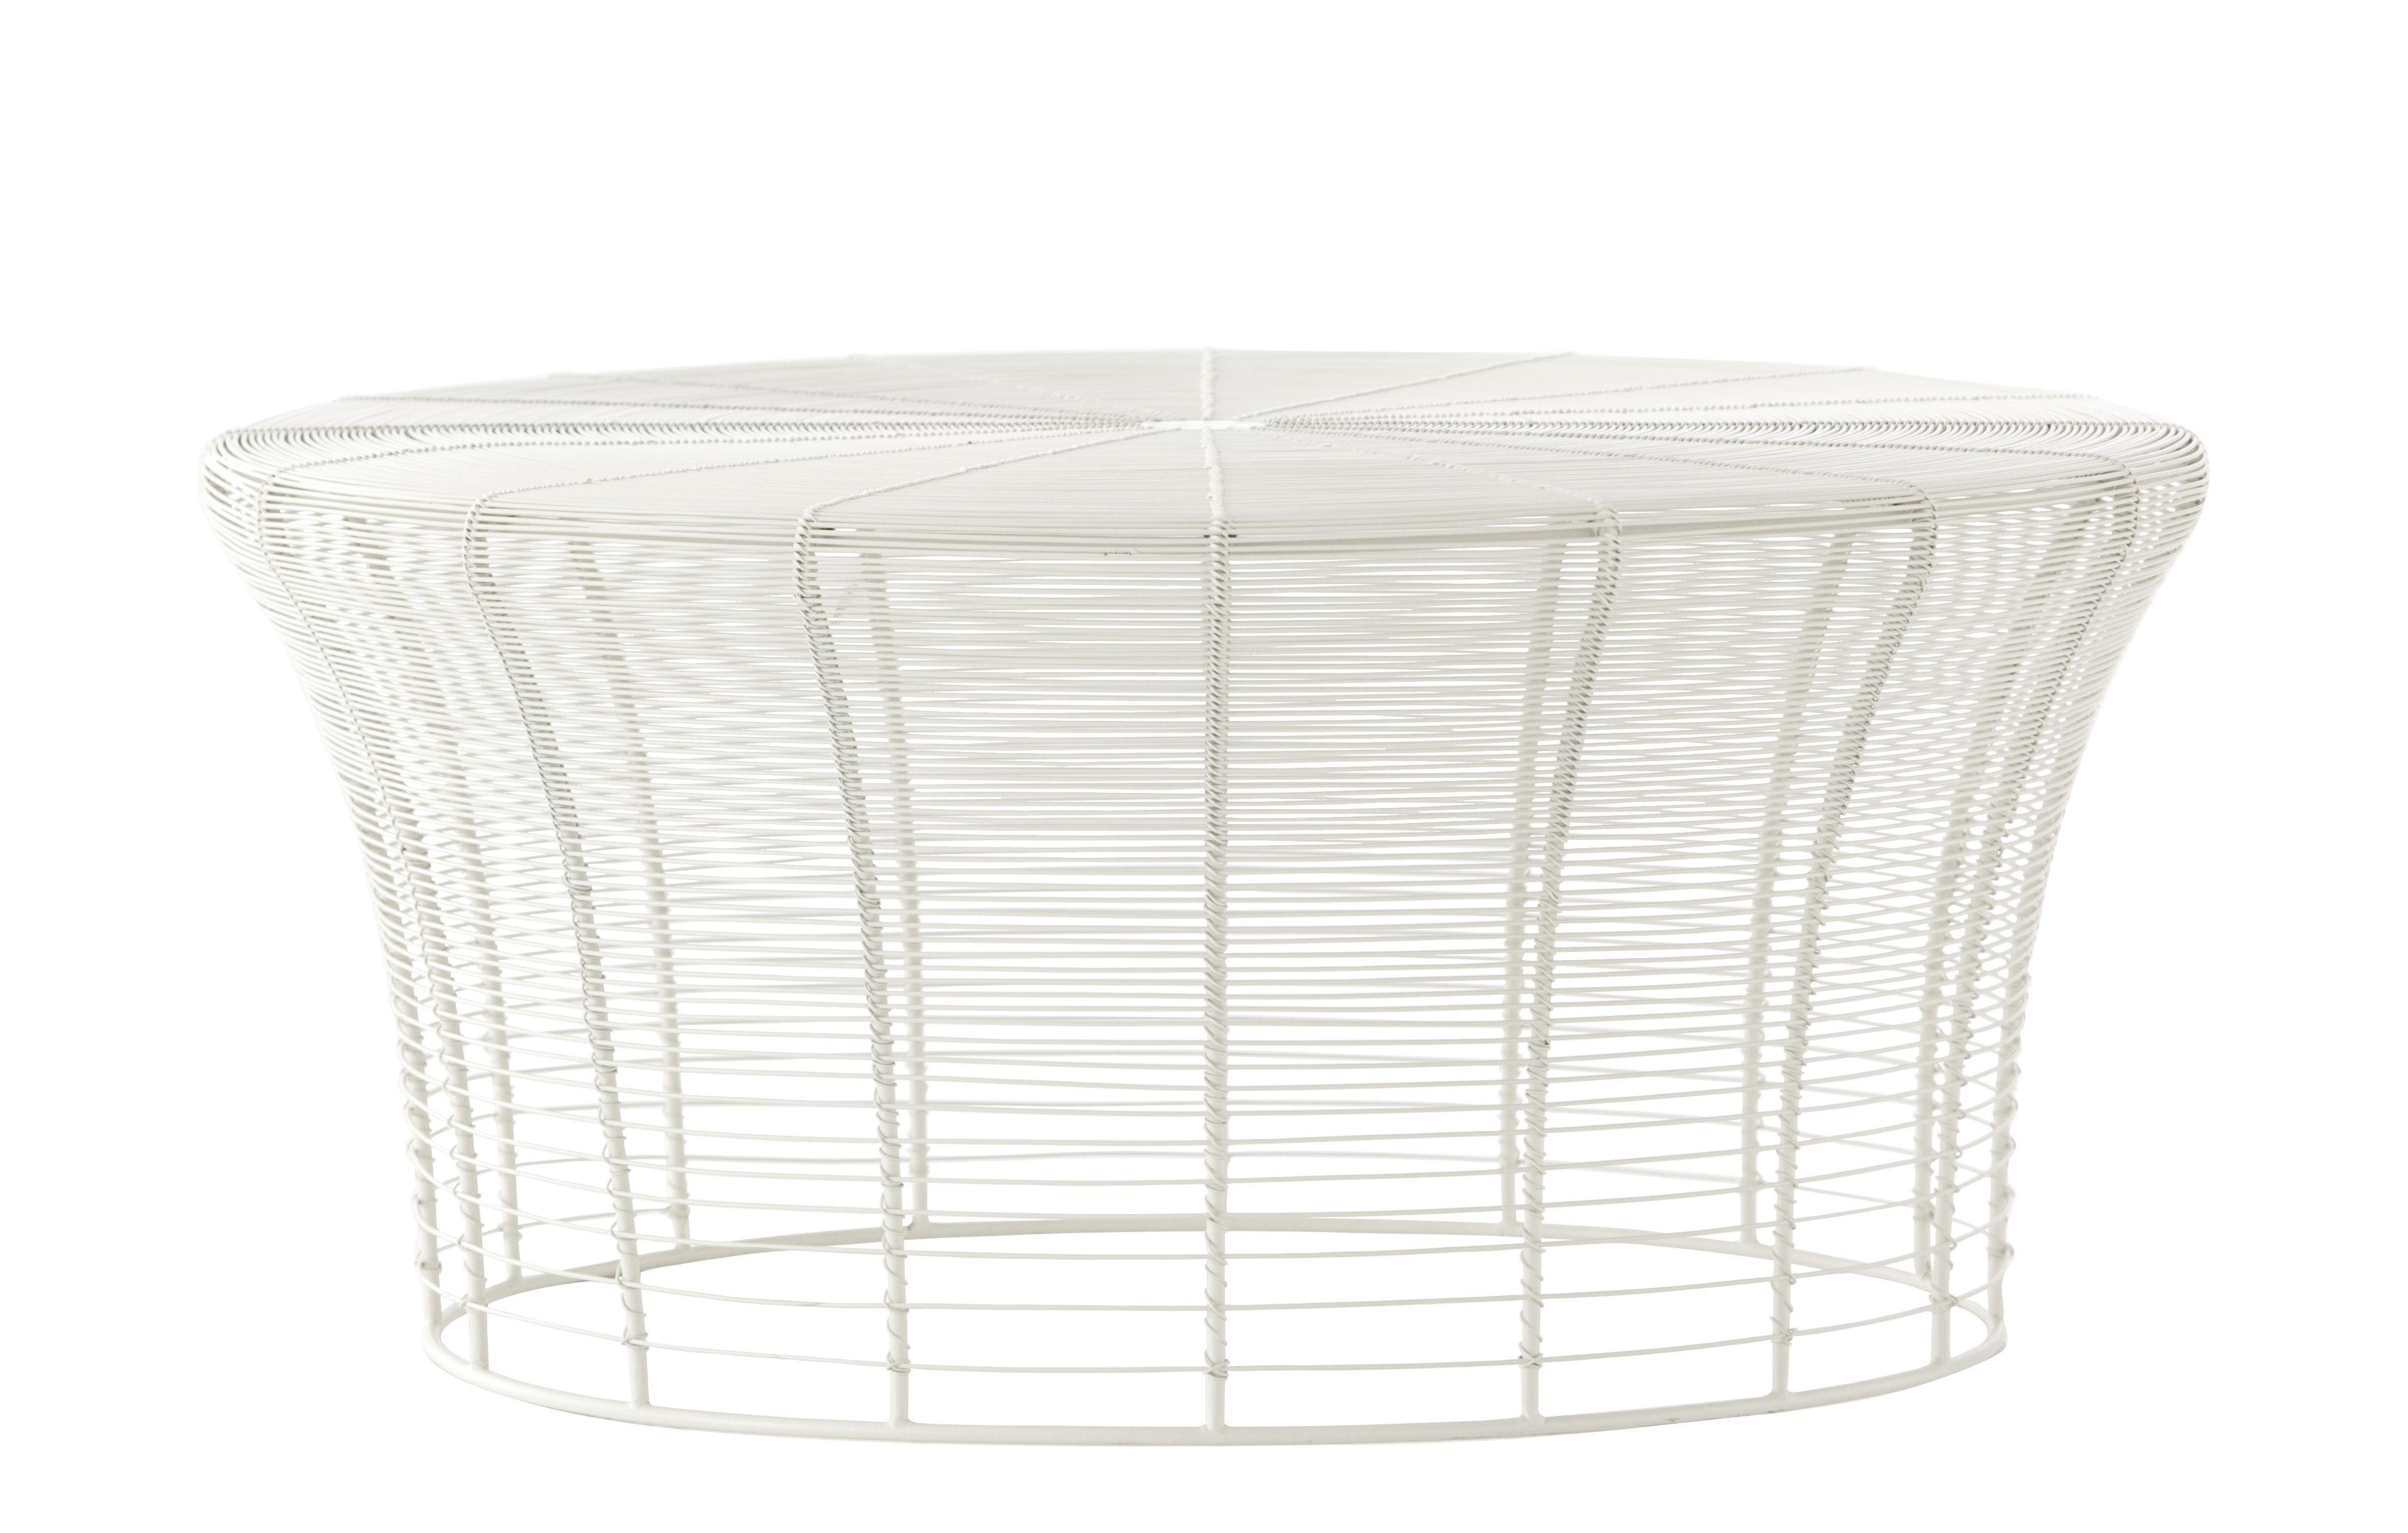 Möbel - Couchtische - Aram Couchtisch / handgefertigt - Ø 71 cm x H 33 cm - Gan - Weiß - Pulverbeschichteter Edelstahl